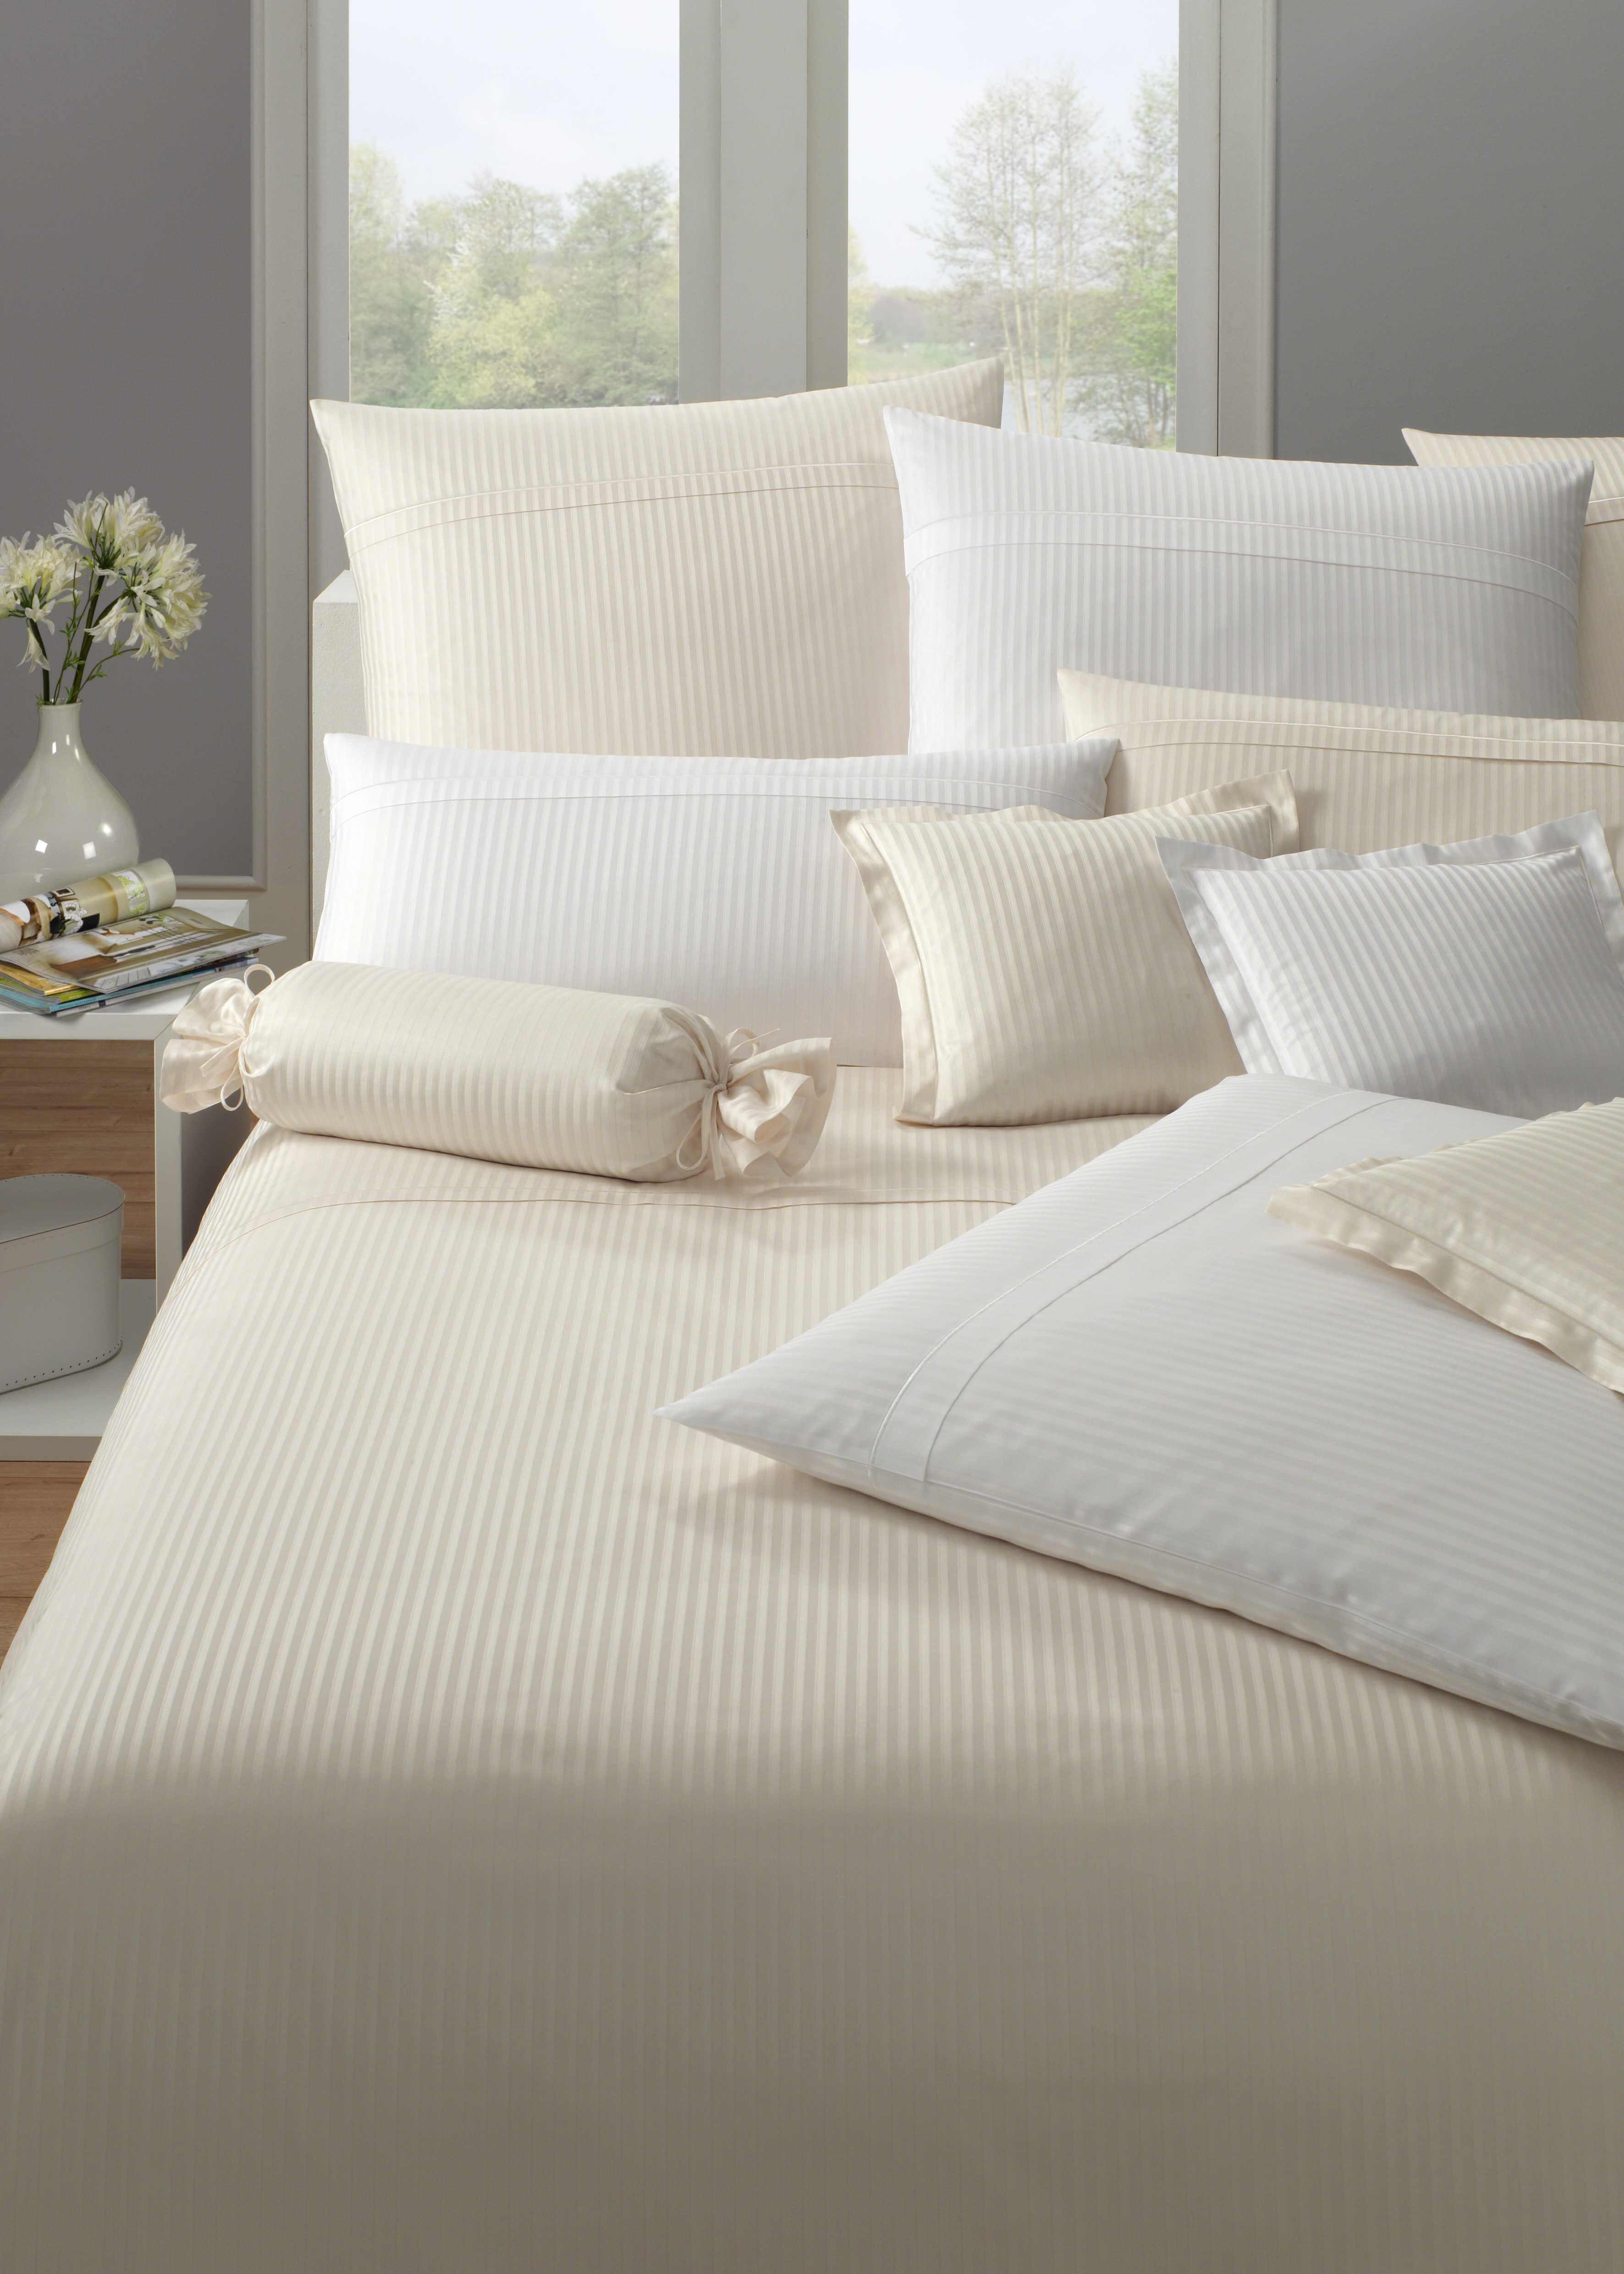 bettw sche elegante milano 2356 wei. Black Bedroom Furniture Sets. Home Design Ideas